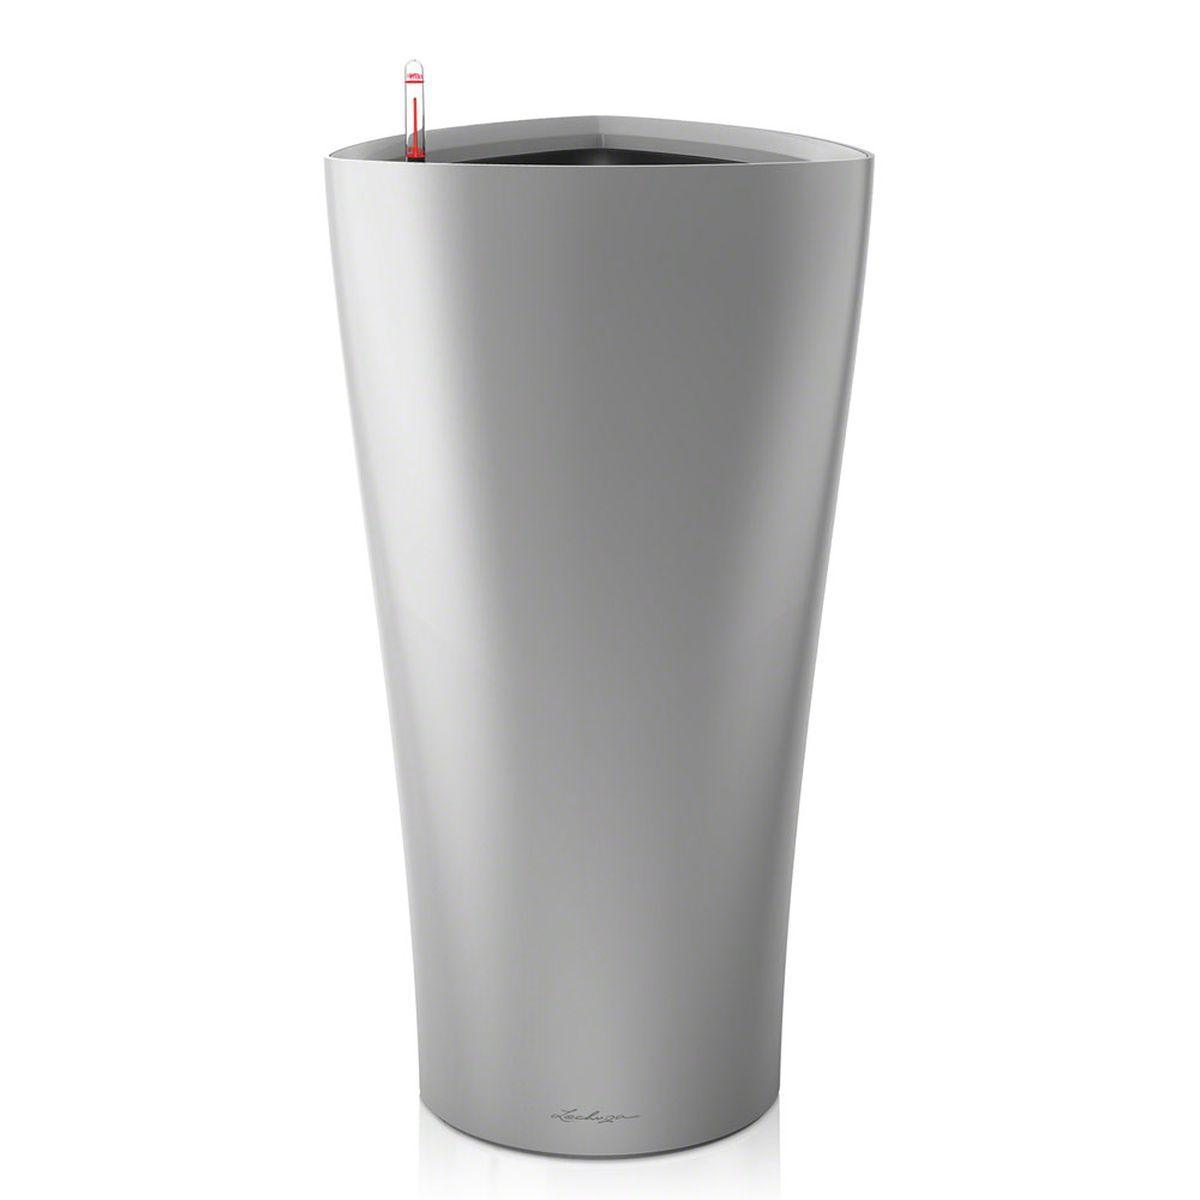 Кашпо с автополивом Lechuza Delta 30х56 см, серебро15508LECHUZA DELTA объединяет технологии и дизайн: спрятанная в кашпо плавной, органичной формы, система автополива LECHUZA, надежно обеспечивает Ваши растения водой. Особые преимущества: - Сменный внутренний горшок с системой автополива - Высокое, узкое кашпо в виде колонны - Устойчиво и стабильно